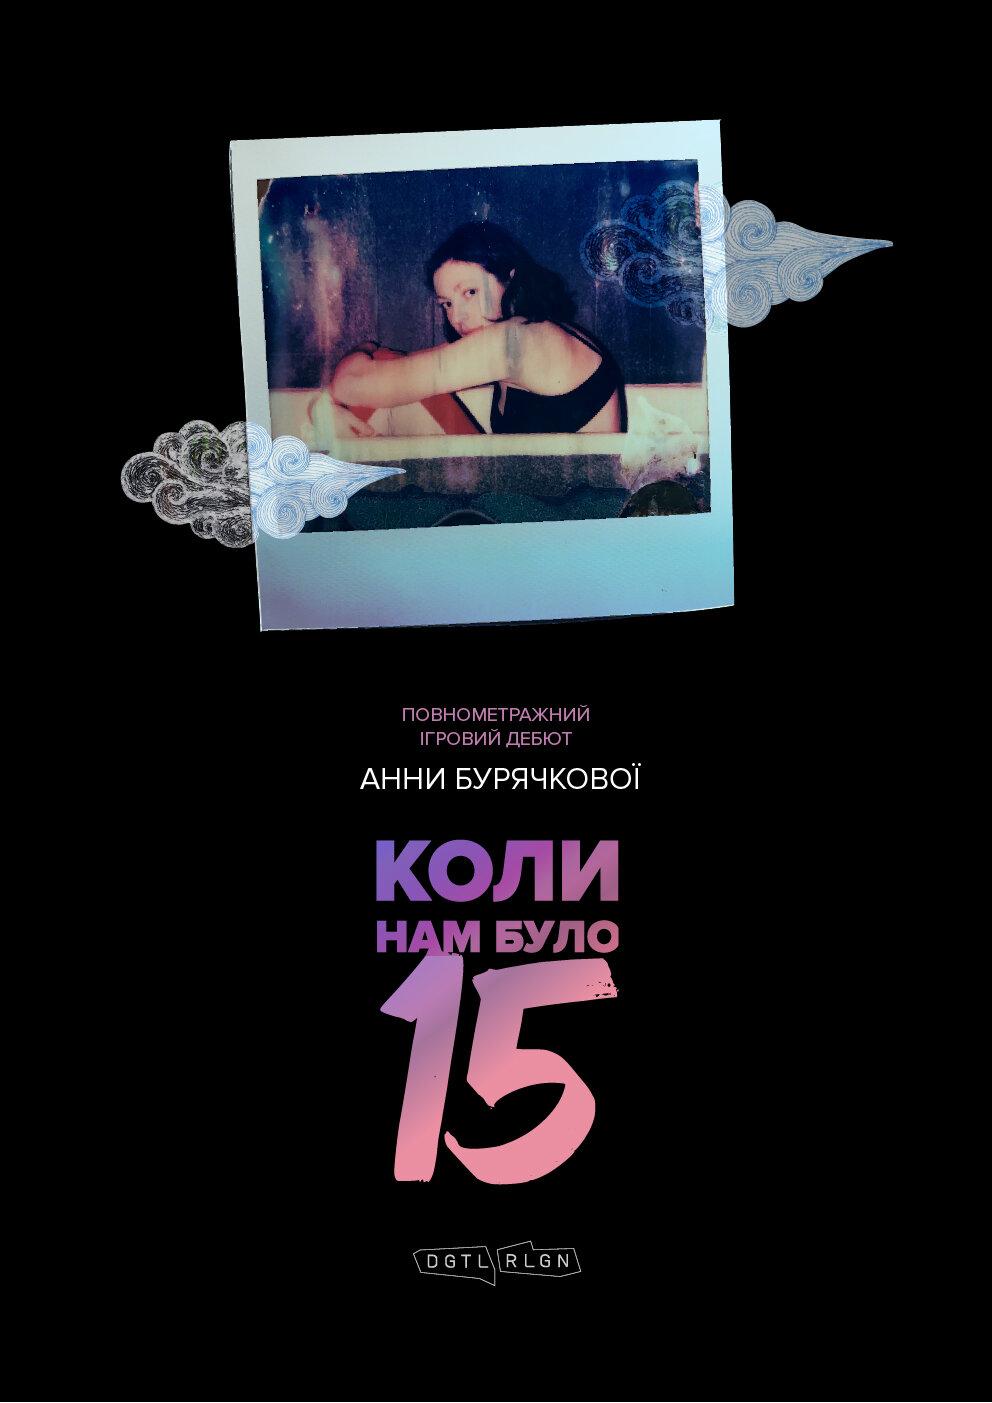 Постер, версія 0.01, фільму «Коли нам було 15». Зображення надане авторами